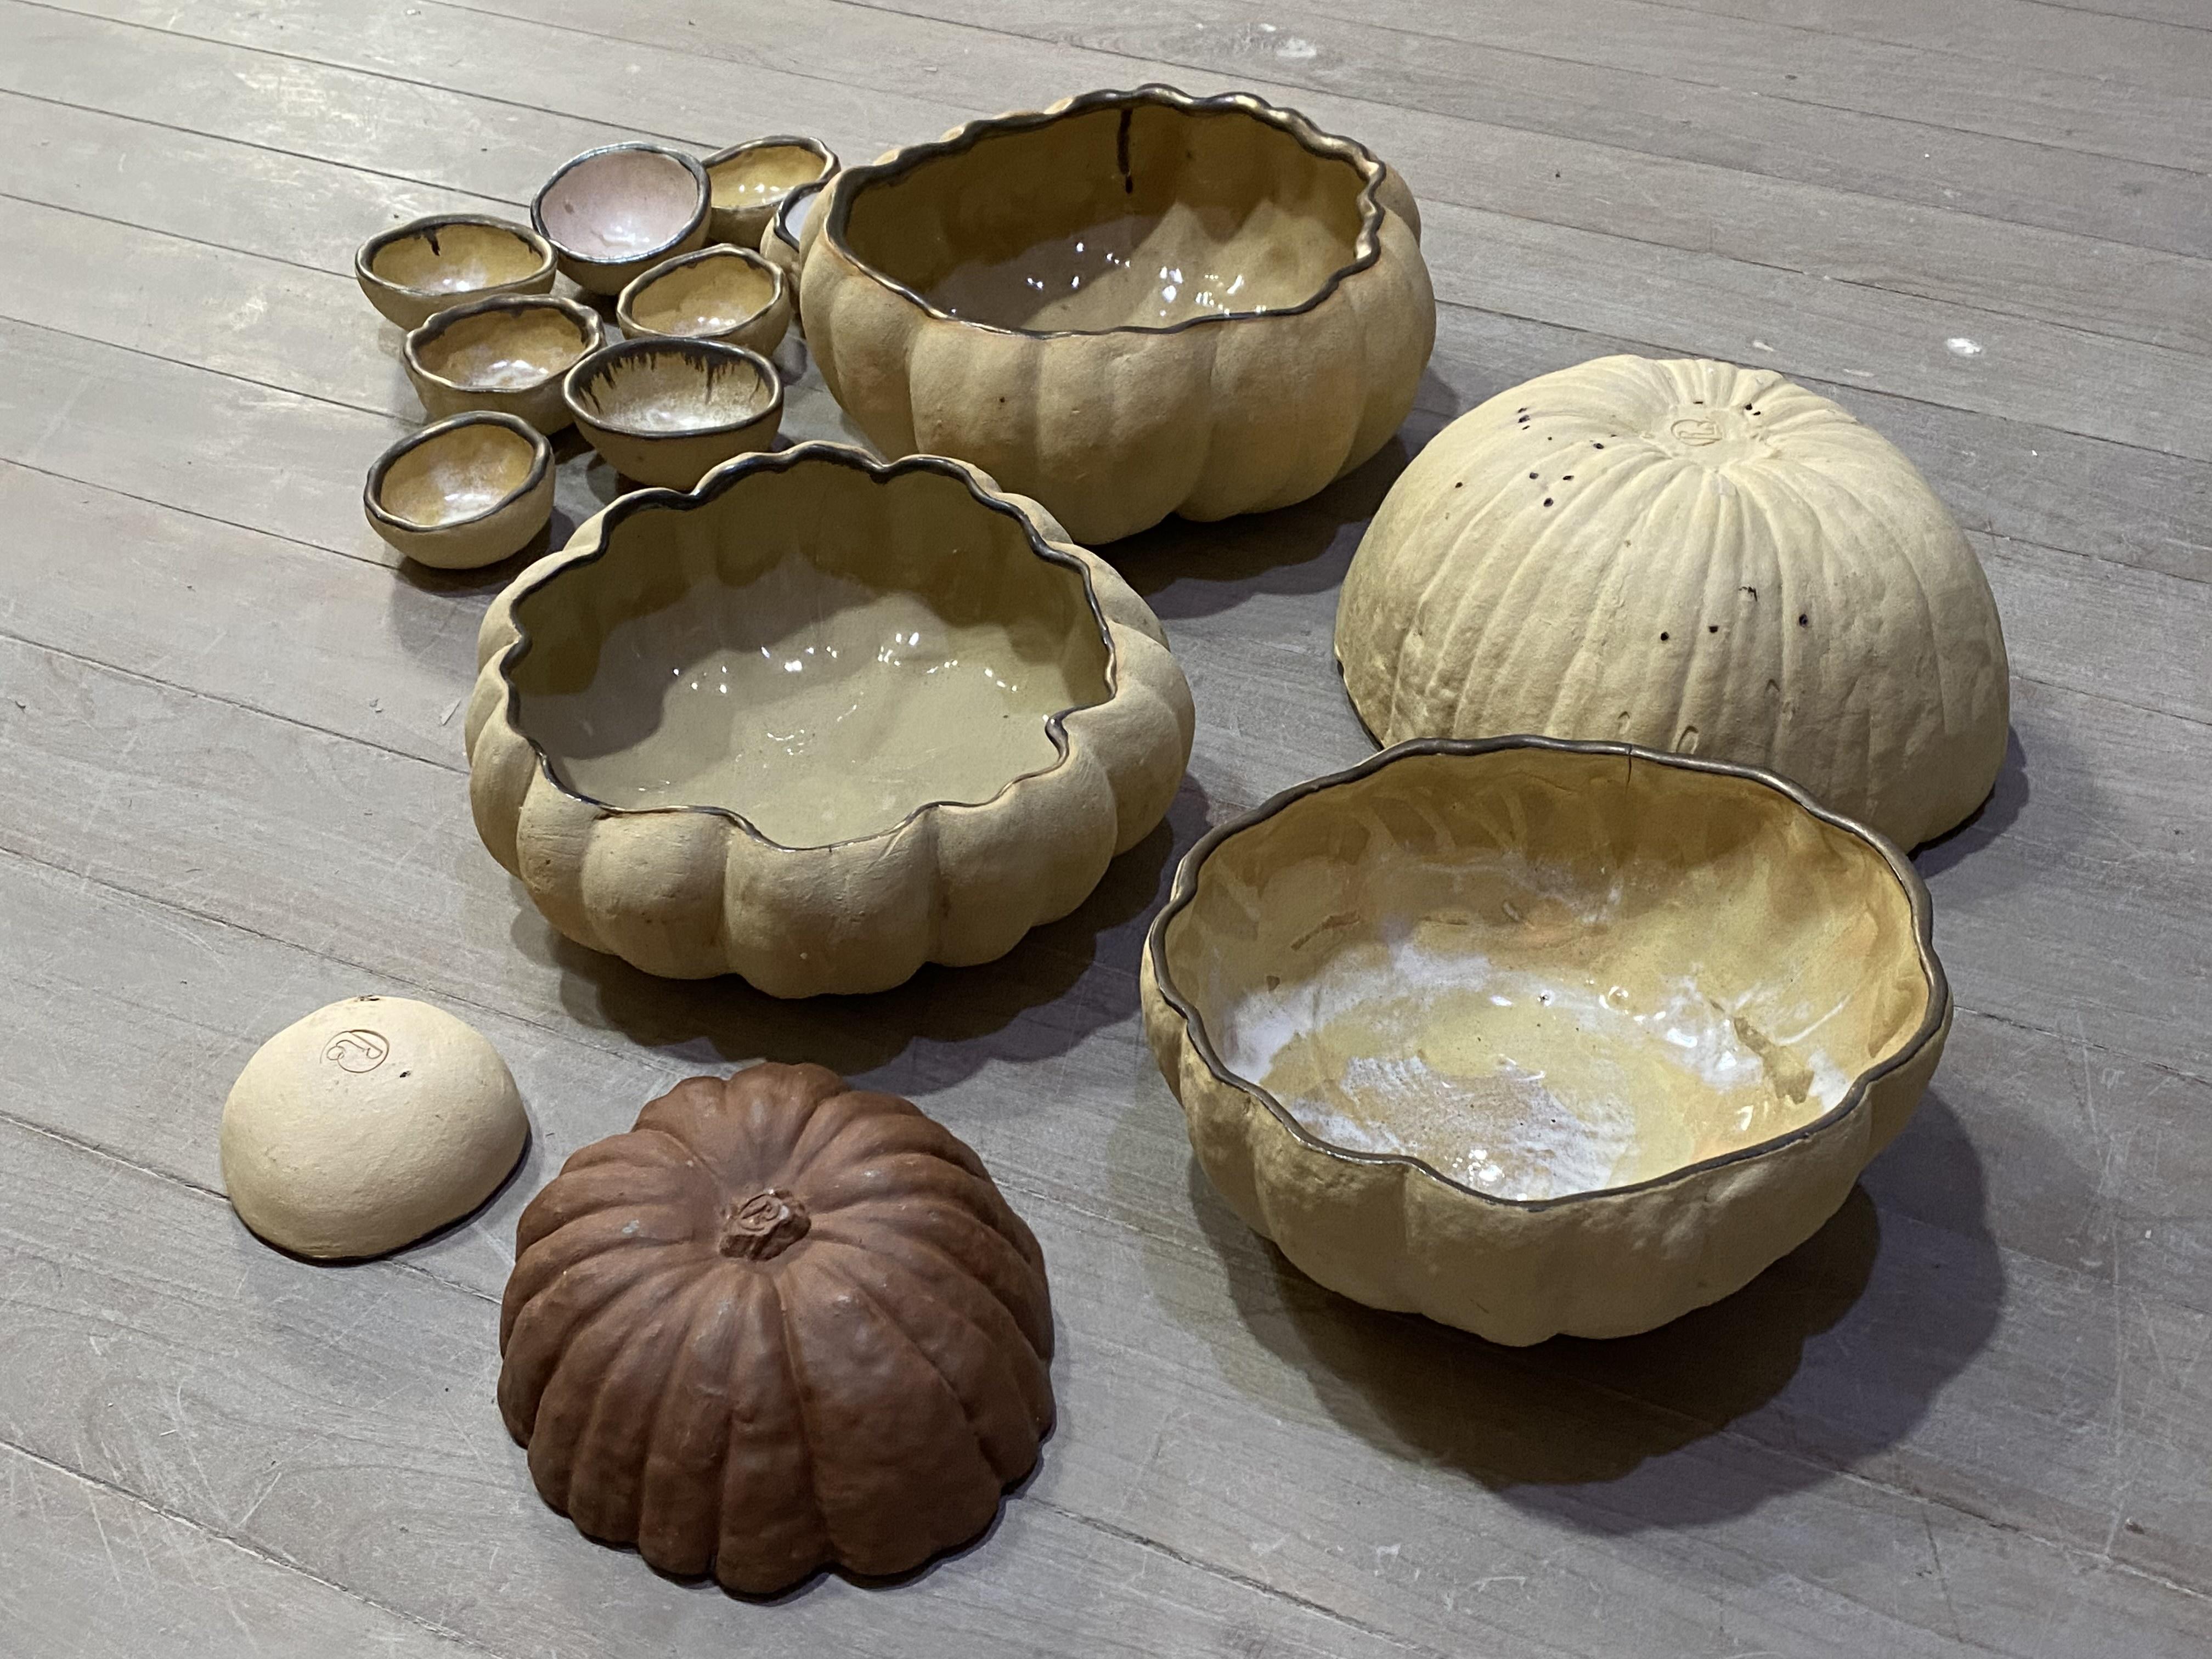 Cerâmicas que lembram as formas orgânicas das abóboras, por Rosalva Arte.